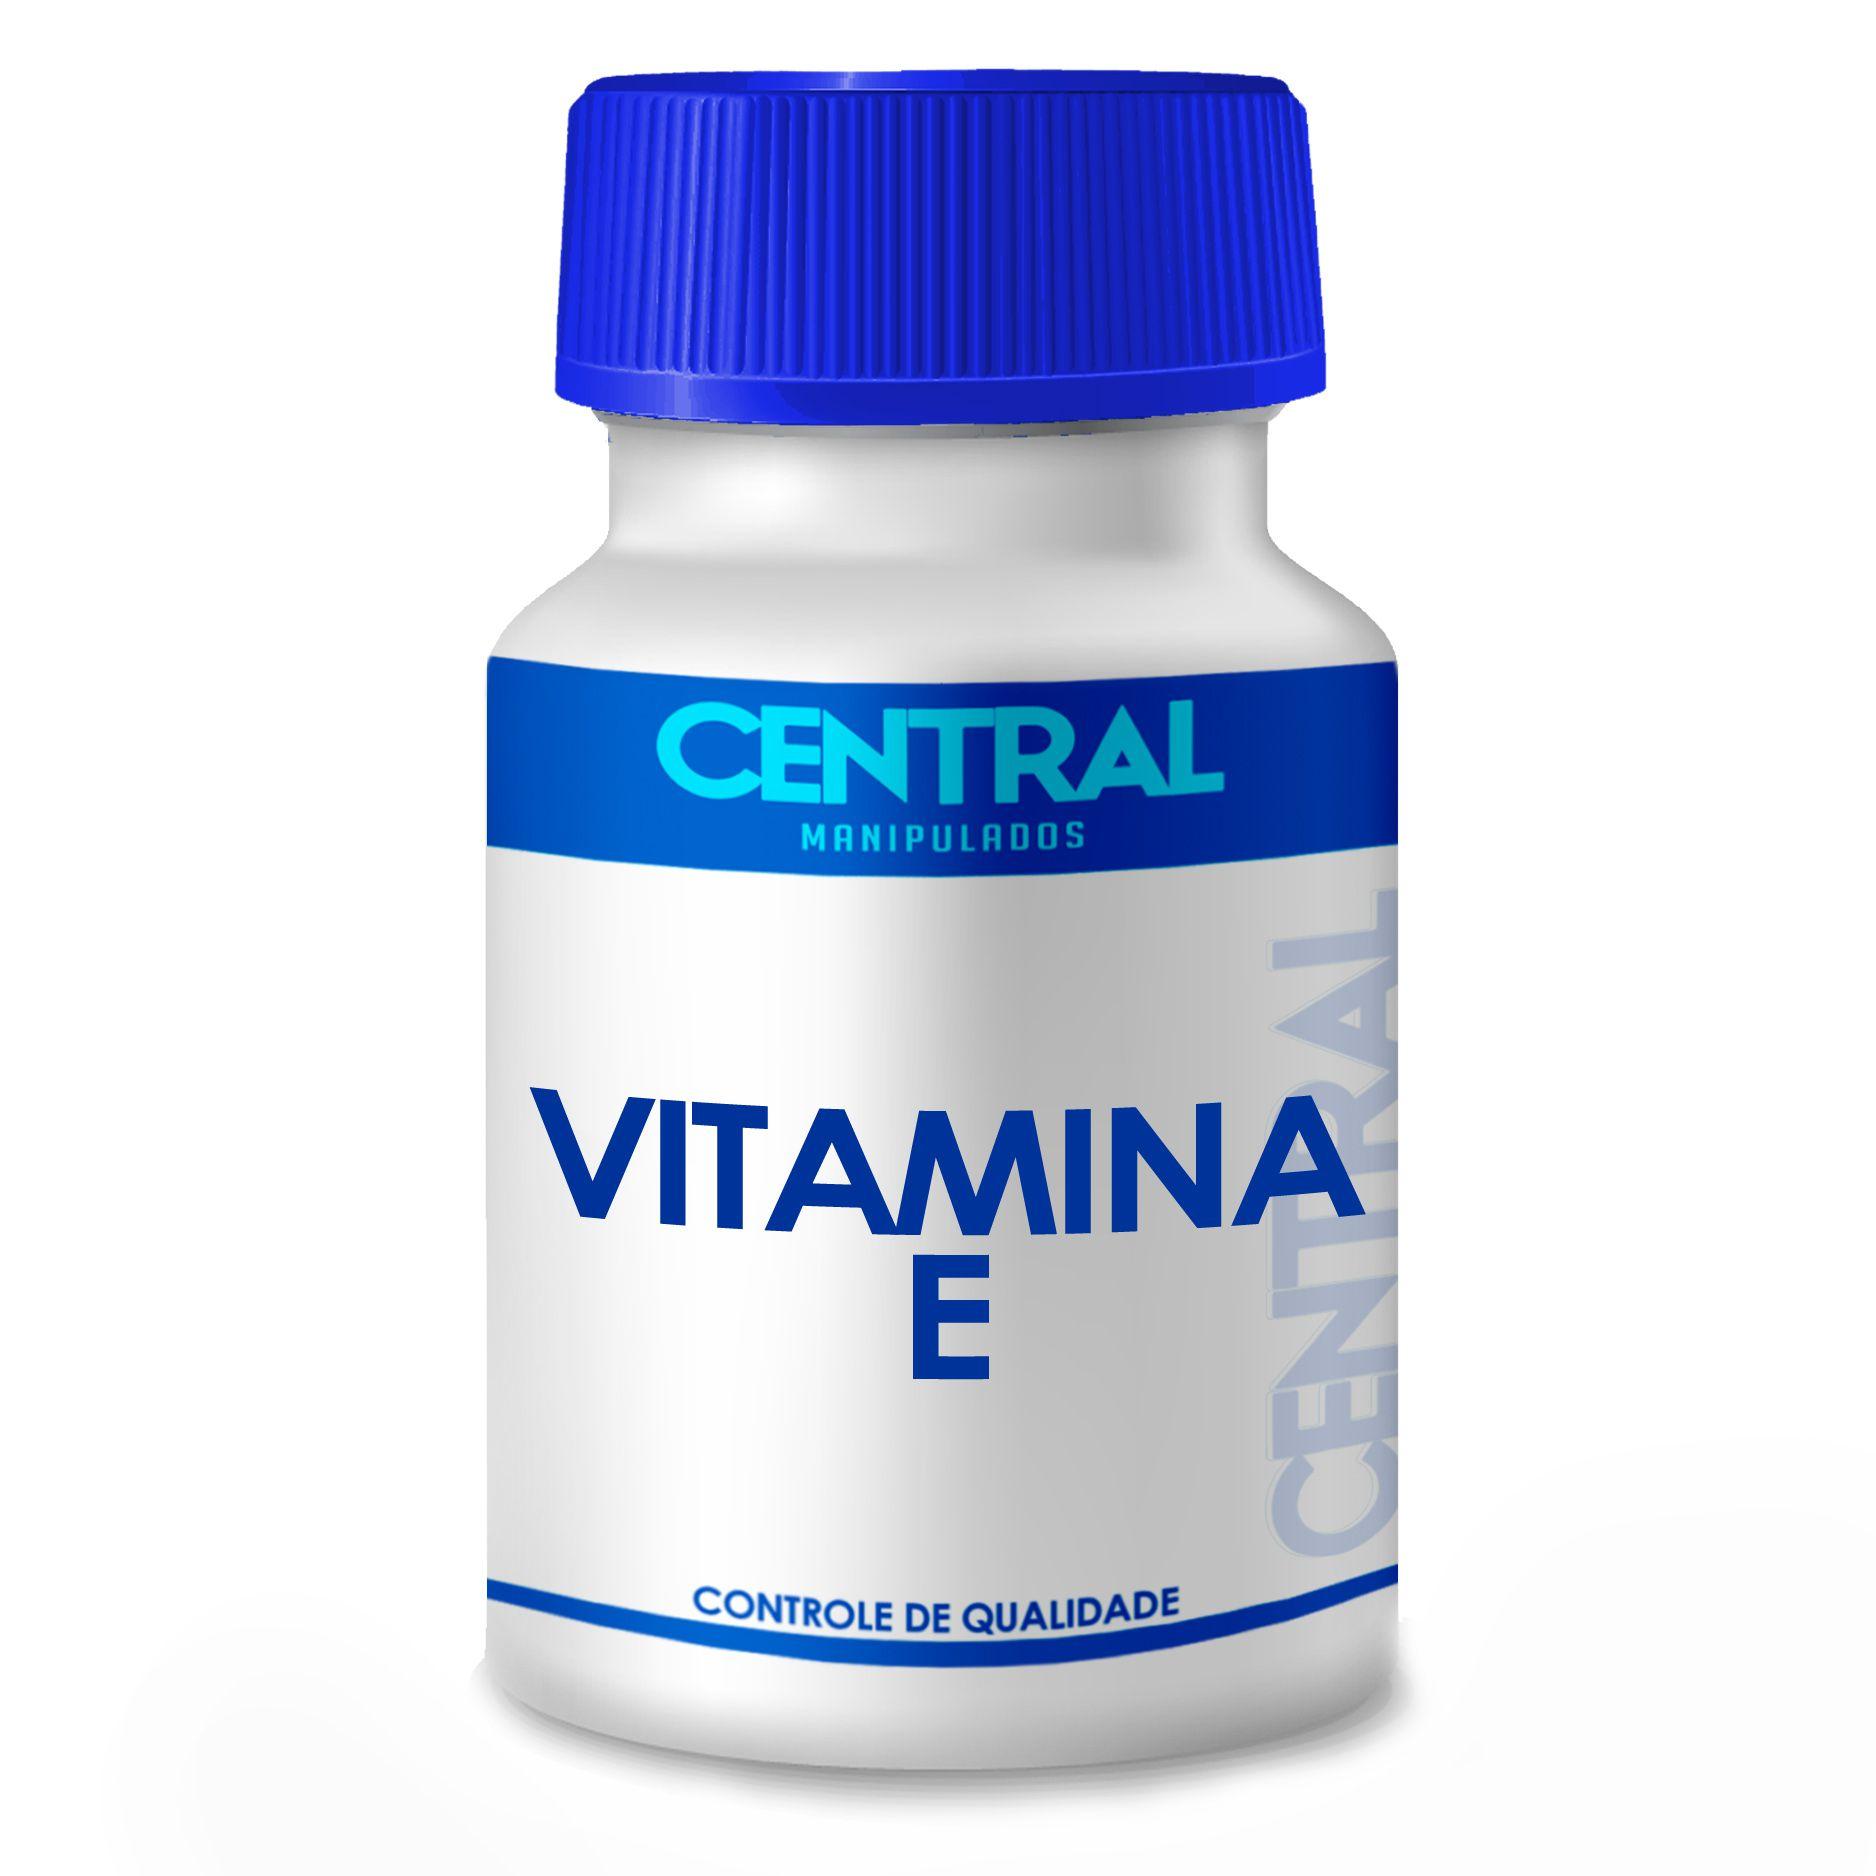 Vitamina E 400 UI - 180 cápsulas